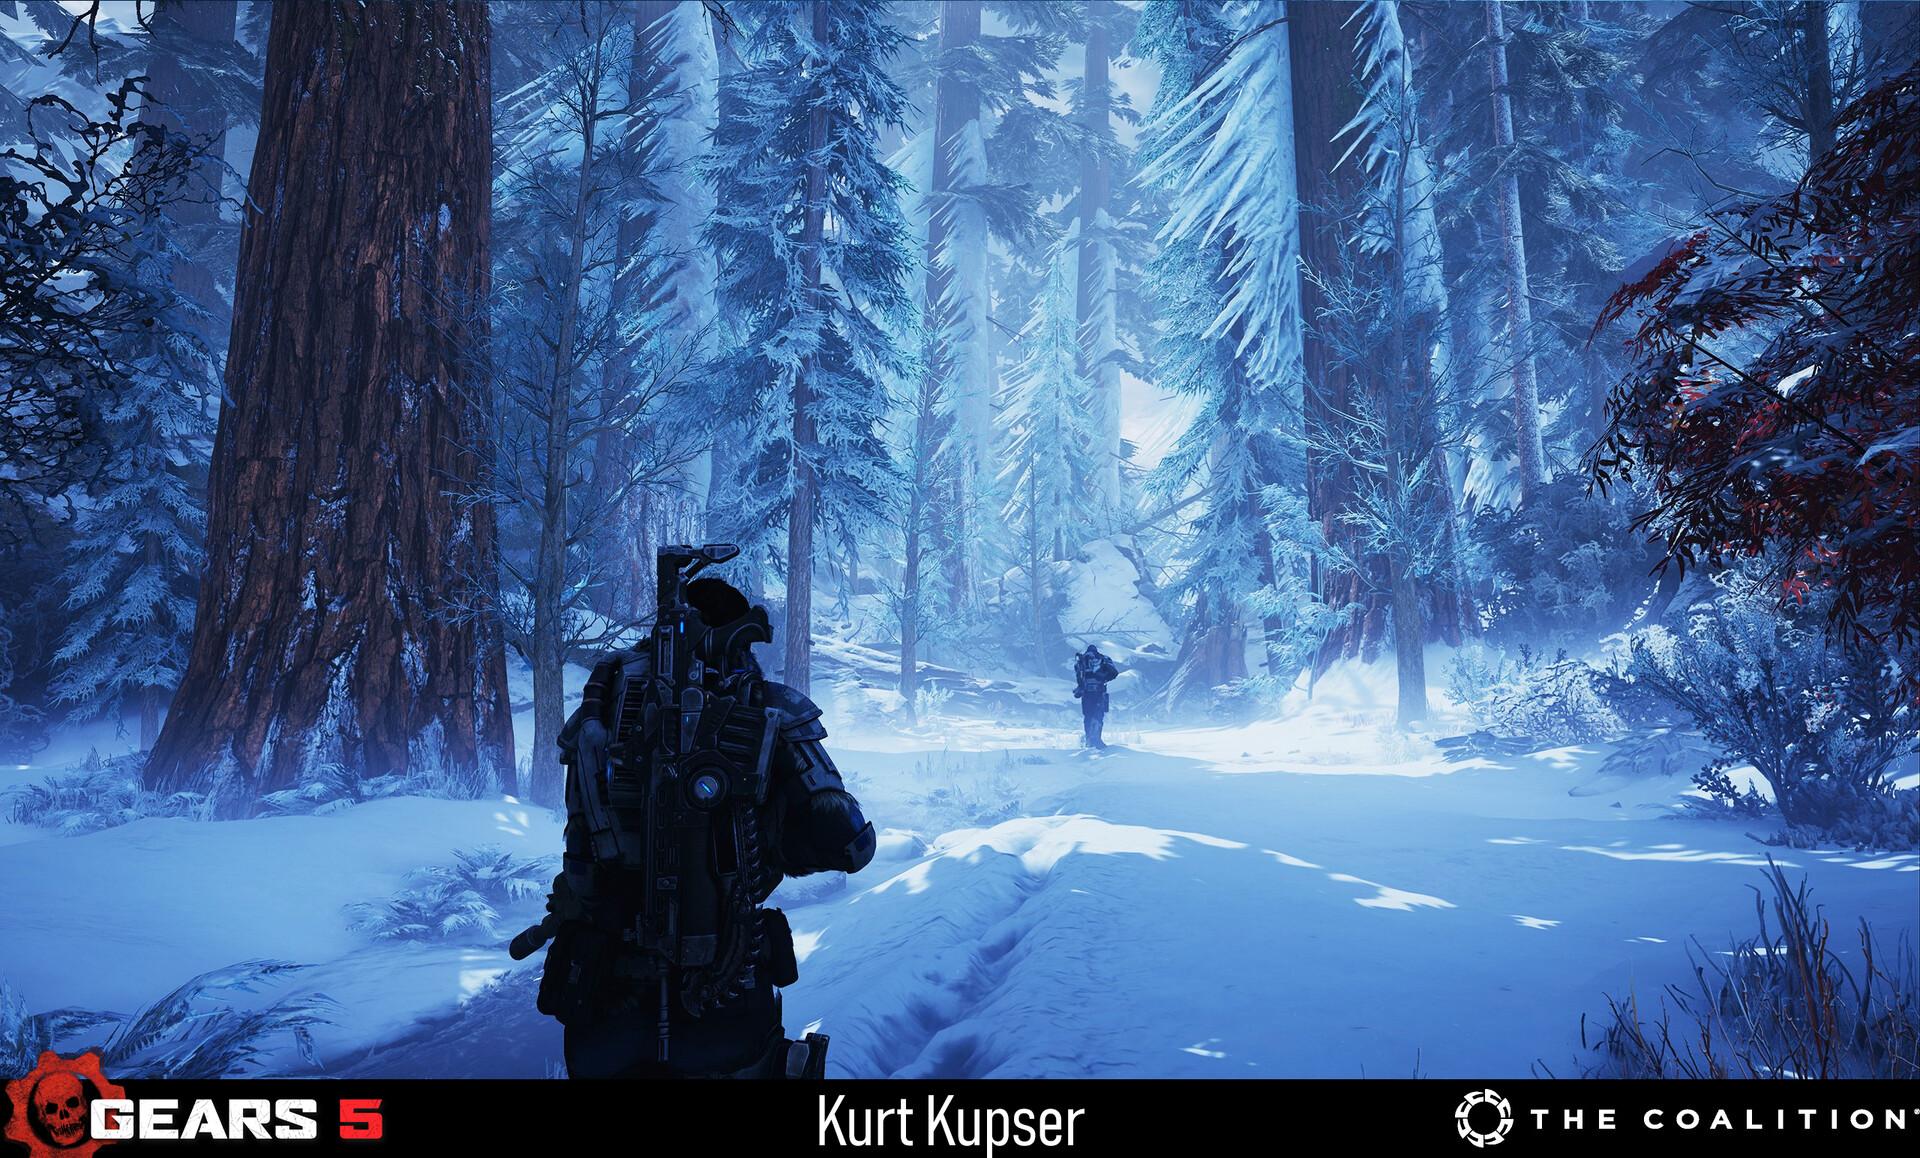 Kurt kupser kurt kupser hope advection ice1